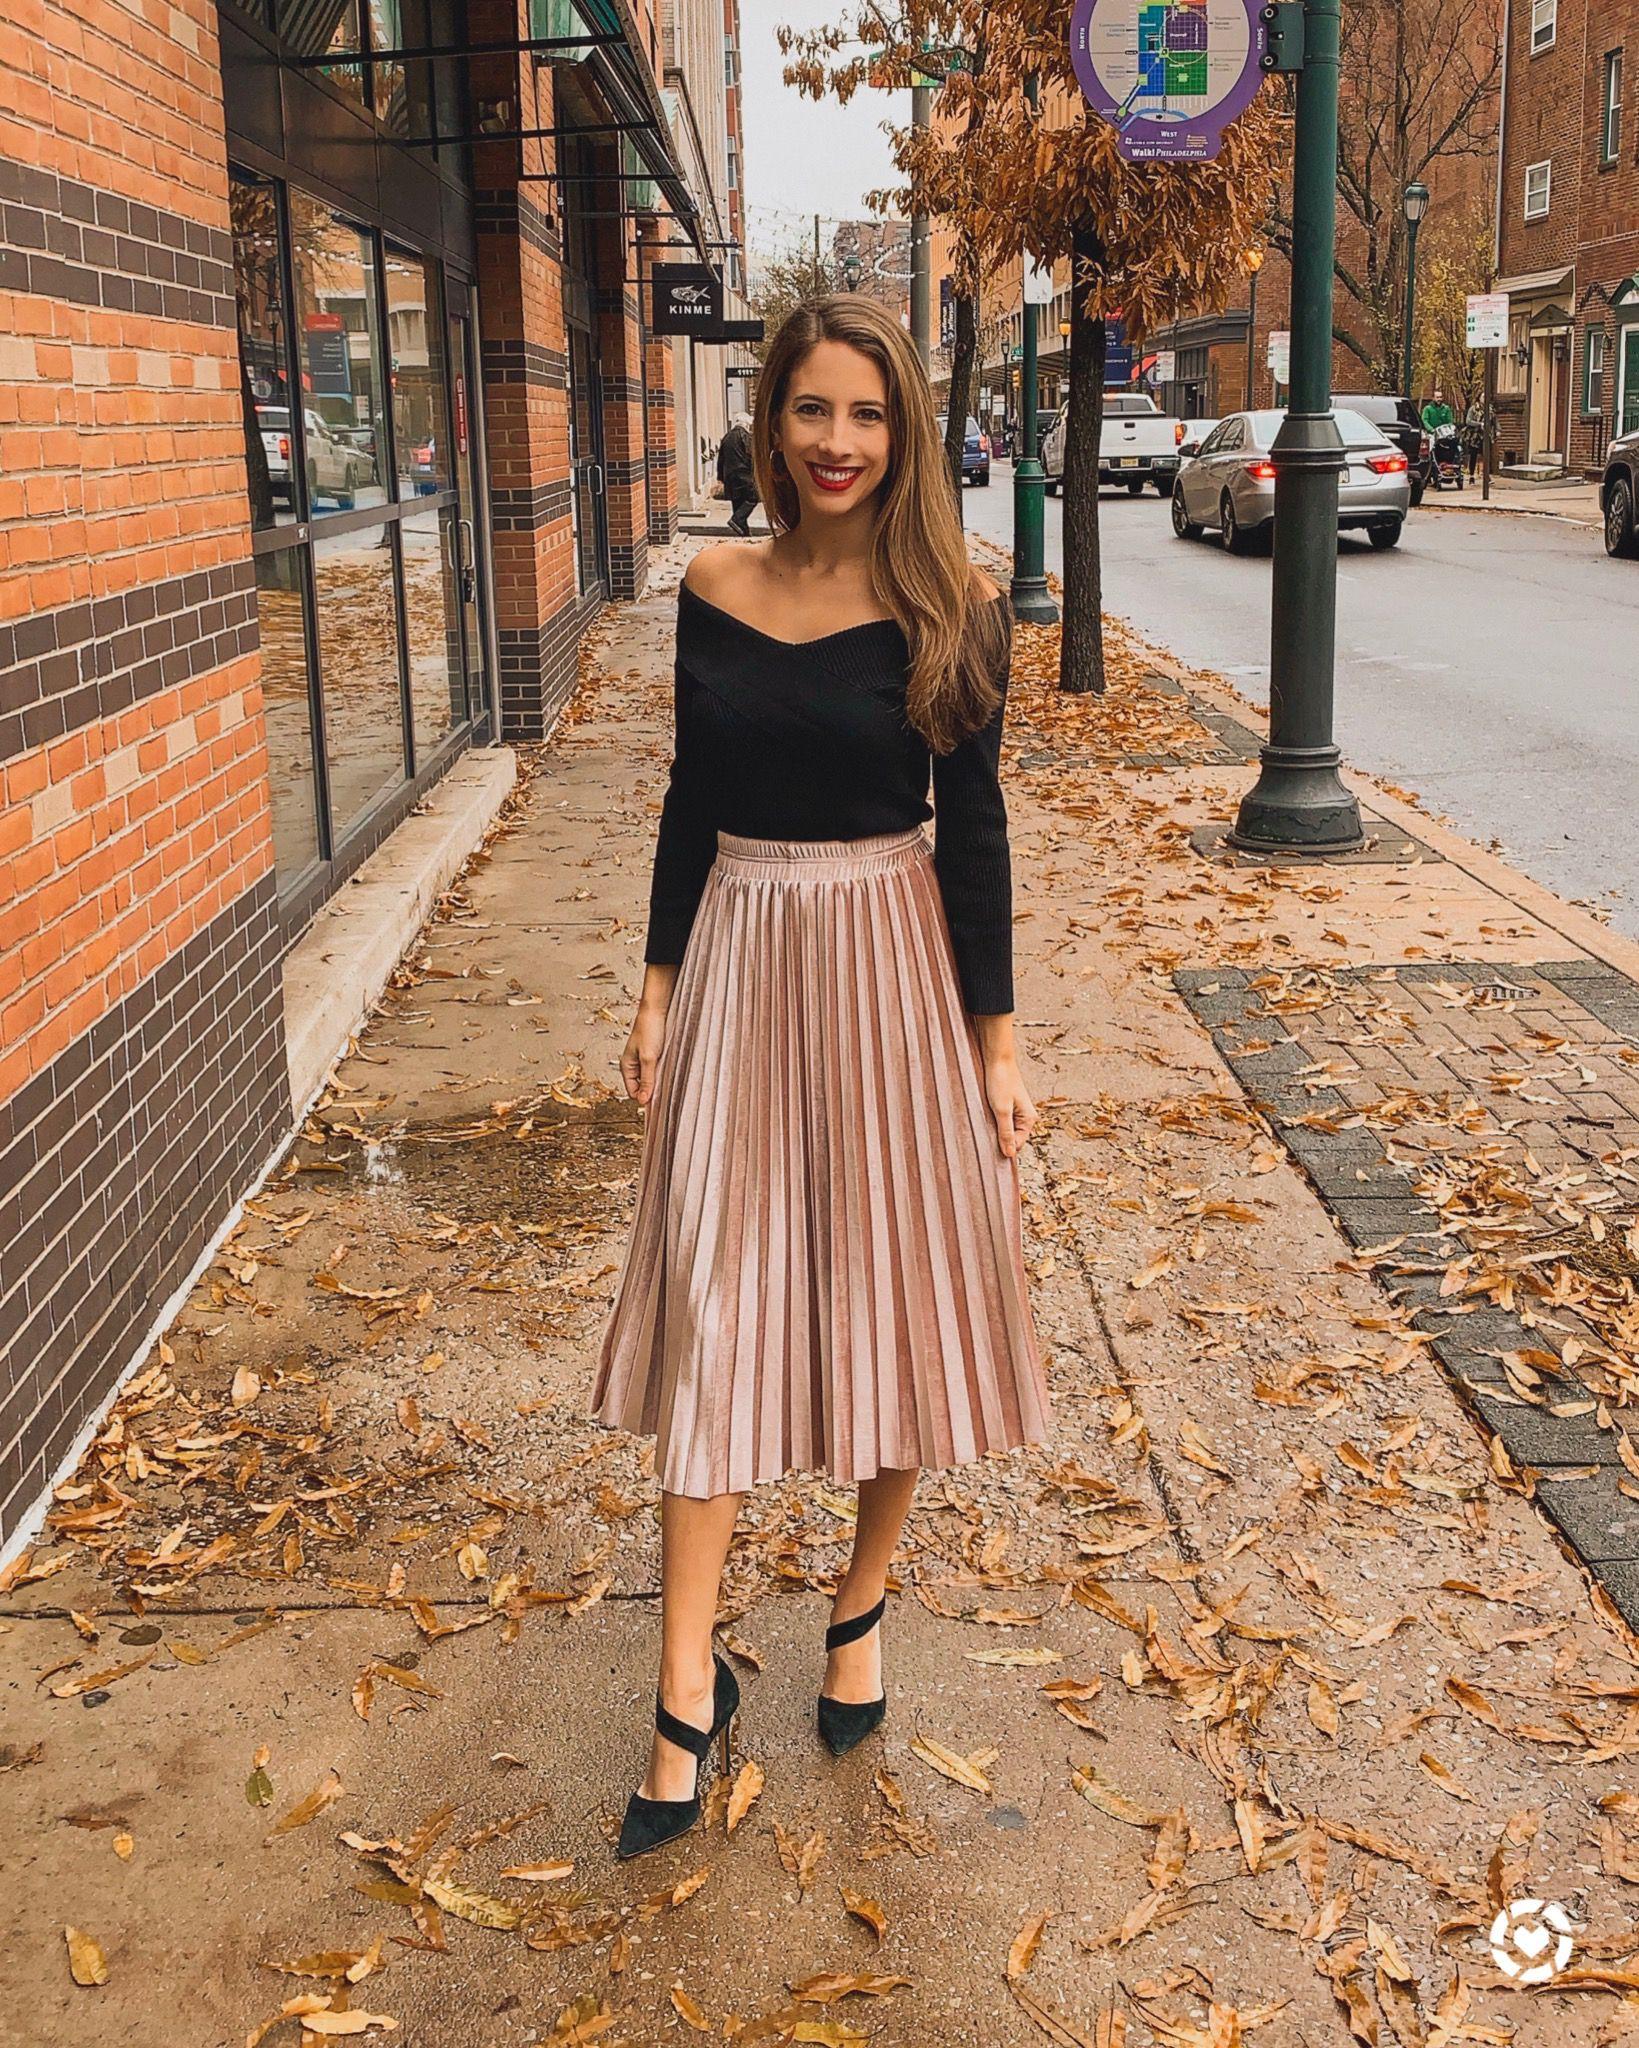 865b207ef Velvet Pleated Skirt, Pleated Skirt Outfit, Pink Pleated Skirt, Skirt  Outfits, Dress